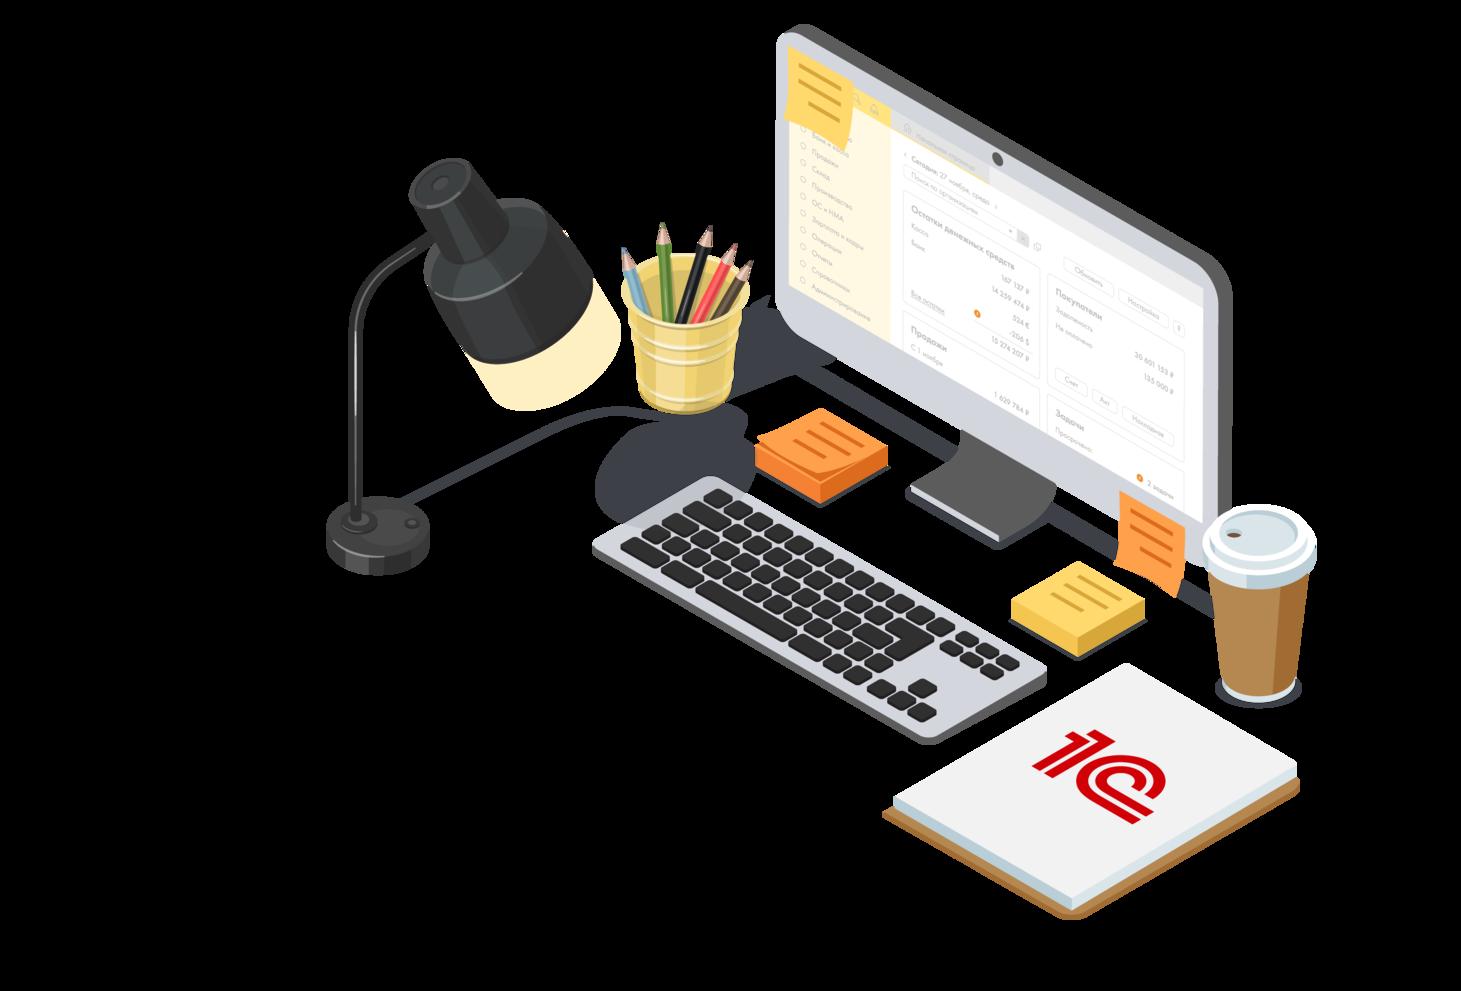 Работа с программой 1С: индивидуальное программирование, услуги, особенности и сферы использования